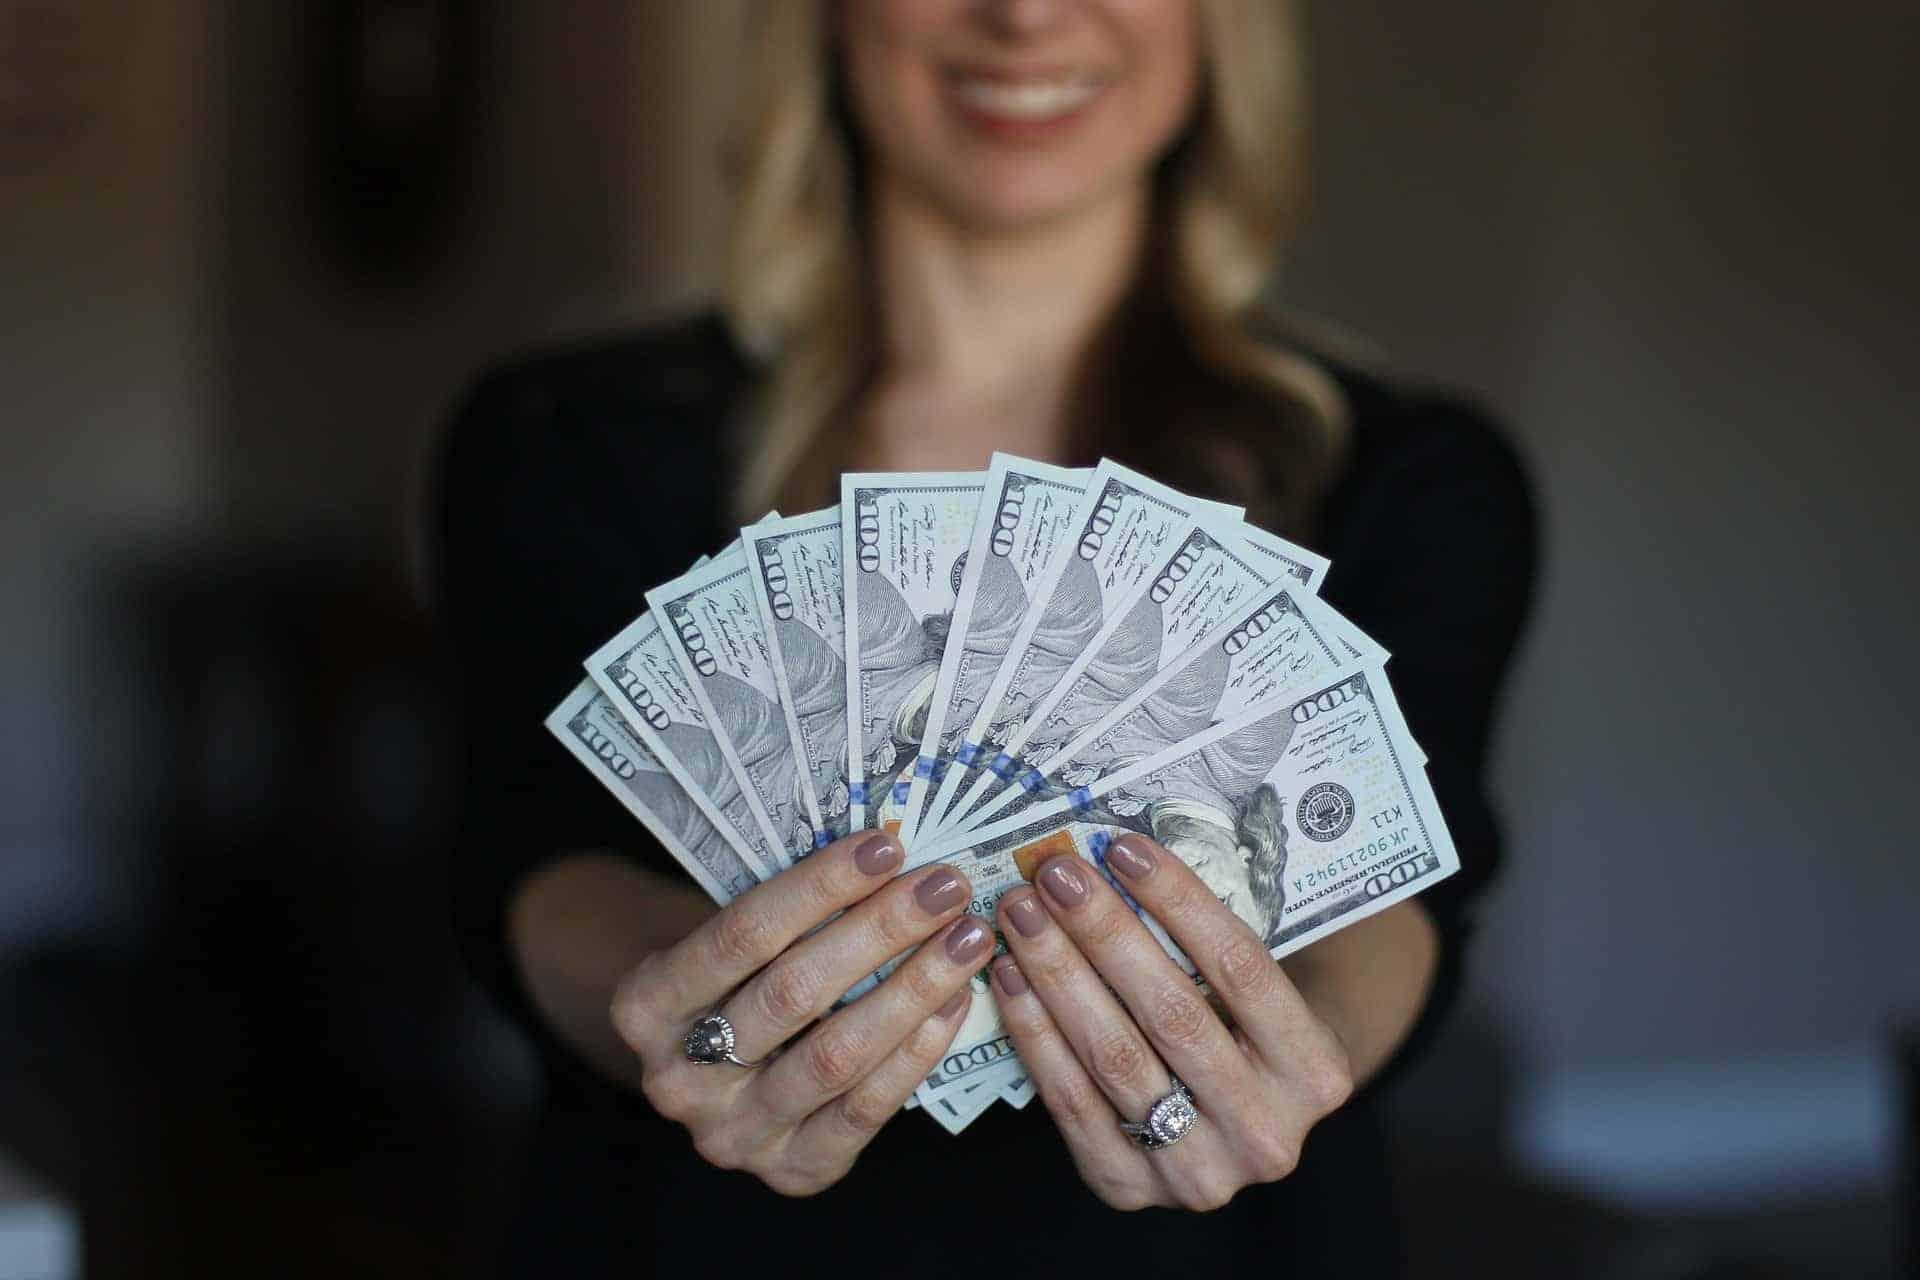 כיצד תוכלו לעבודה מהבית ולהרוויח כסף? רמז - שיווק באינטרנט